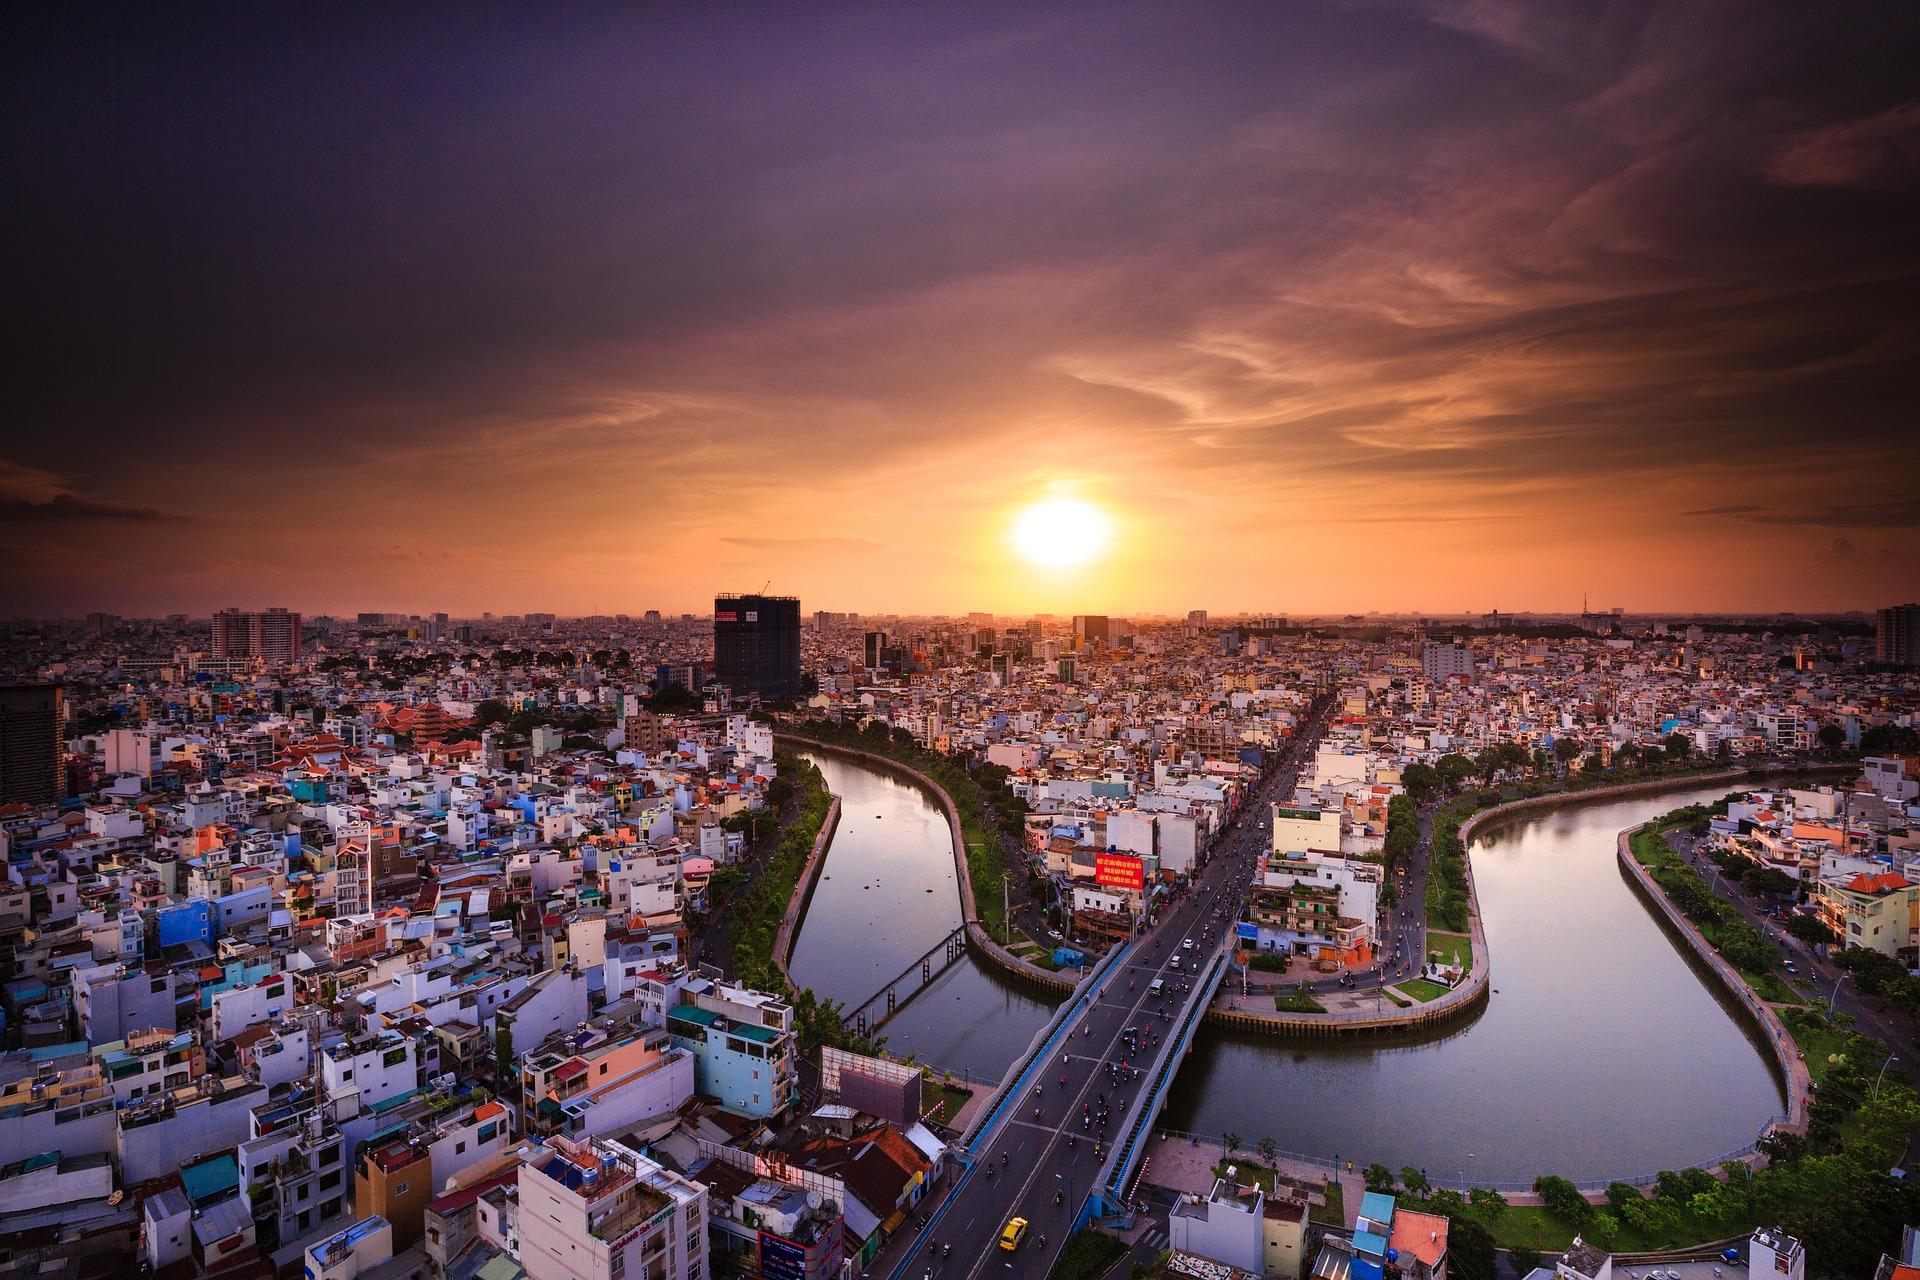 Ho Chi Minh największe miasto w Wietnamie inaczej Sajgon, położone na zachodnim brzegu rzeki Sajgon.